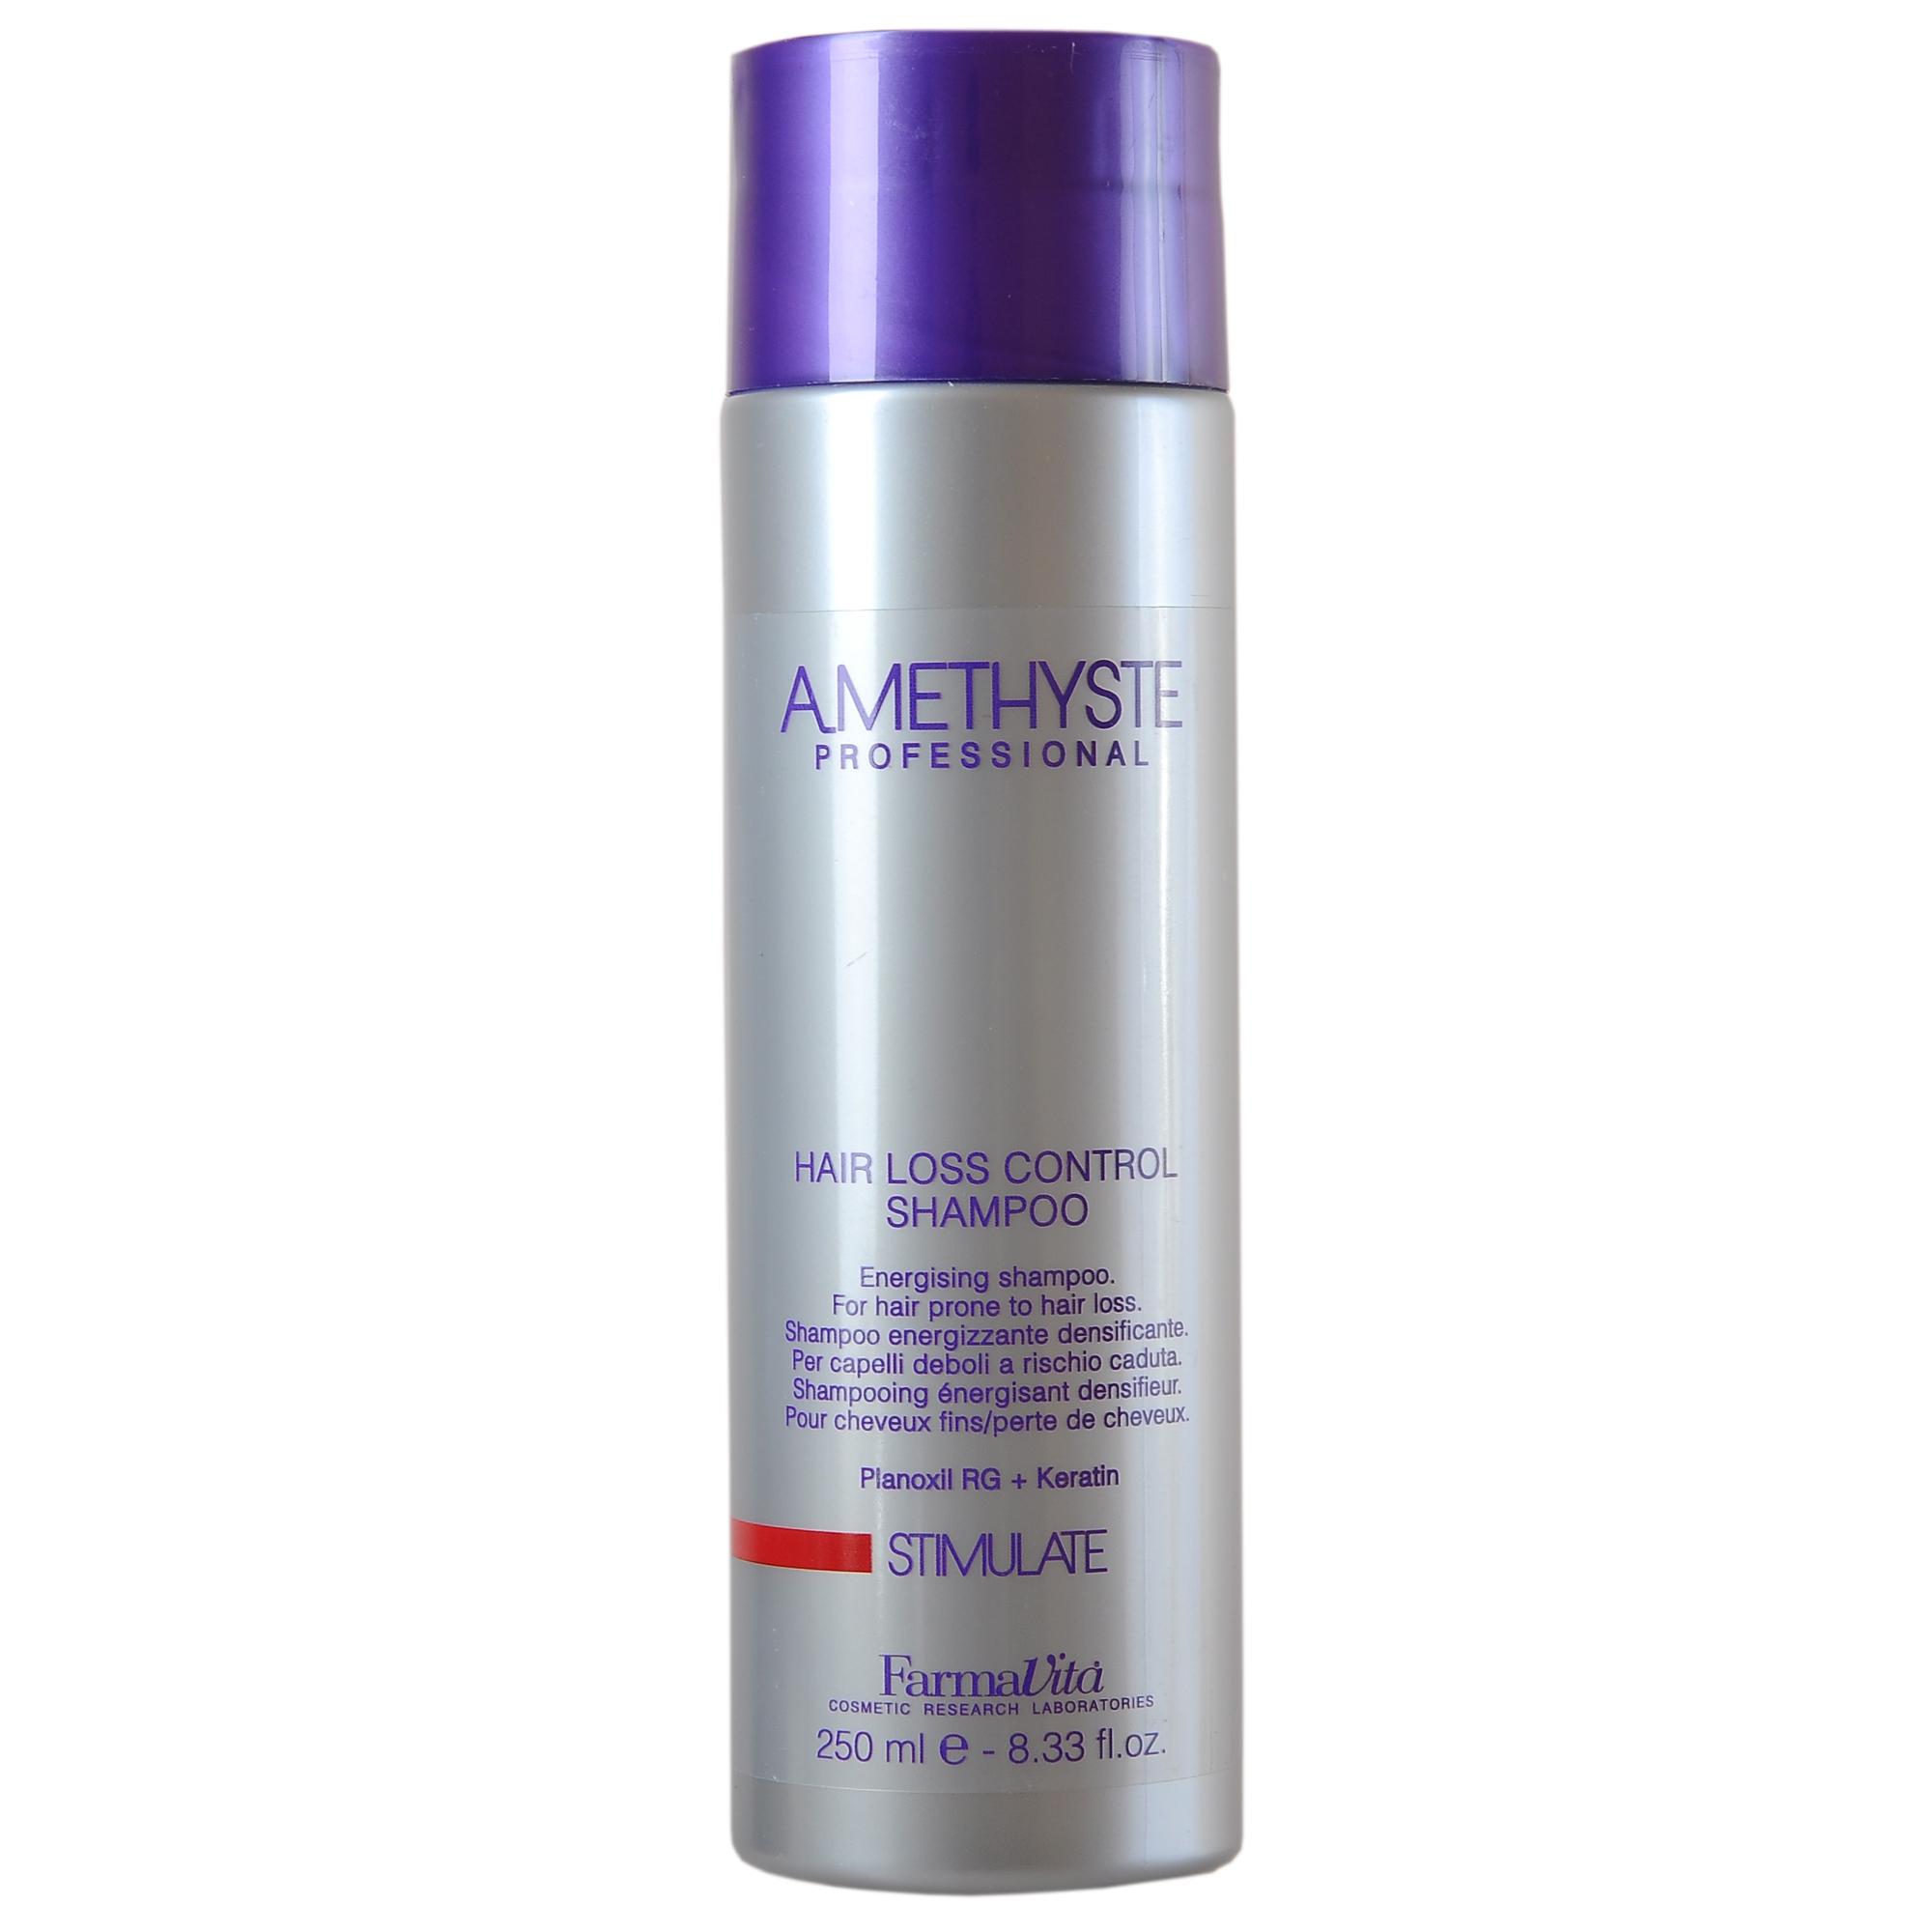 FARMAVITA Шампунь против выпадения волос Amethyste stimulate / AMETHYSTE PROFESSIONAL 250 млШампуни<br>Энергетический шампунь против выпадения волос Amethyste Stimulate Hair Loss Control. Для придания силы и укрепления тонких и выпадающих волос. Оказывает стимулирующее воздействие на кожу головы. Волосы становятся более объемными, плотными и густыми. Содержит комплекс активных компонентов (Planoxil RG+ кератин), получивший сертификат Ecocert, заметно стимулирует рост волос. Активные ингредиенты: Planoxil RG - является агентом роста волос, обладает способностью вызывать ранние преобразования телогена (фаза покоя волоса ) в анаген (фаза активного роста волоса). Заметно увеличивает глубину и размер волосяных фолликулов. Кератин - чрезвычайно эффективный кондиционер за счет содержания цистина. Создает защитный пленкообразующий эффект. Обеспечивает длительный эффект и придает естественный блеск. Способ применения: нанести шампунь Amethyste Stimulate Hair Loss Control на увлажненные волосы и кожу головы. Вспенить, распределить аккуратными массажными движениями. Смыть. При необходимости процедуру повторить. Применять вместе с лосьоном Amethyste Stimulate Hair Loss Control Intensive.<br><br>Объем: 250 мл<br>Назначение: Выпадение